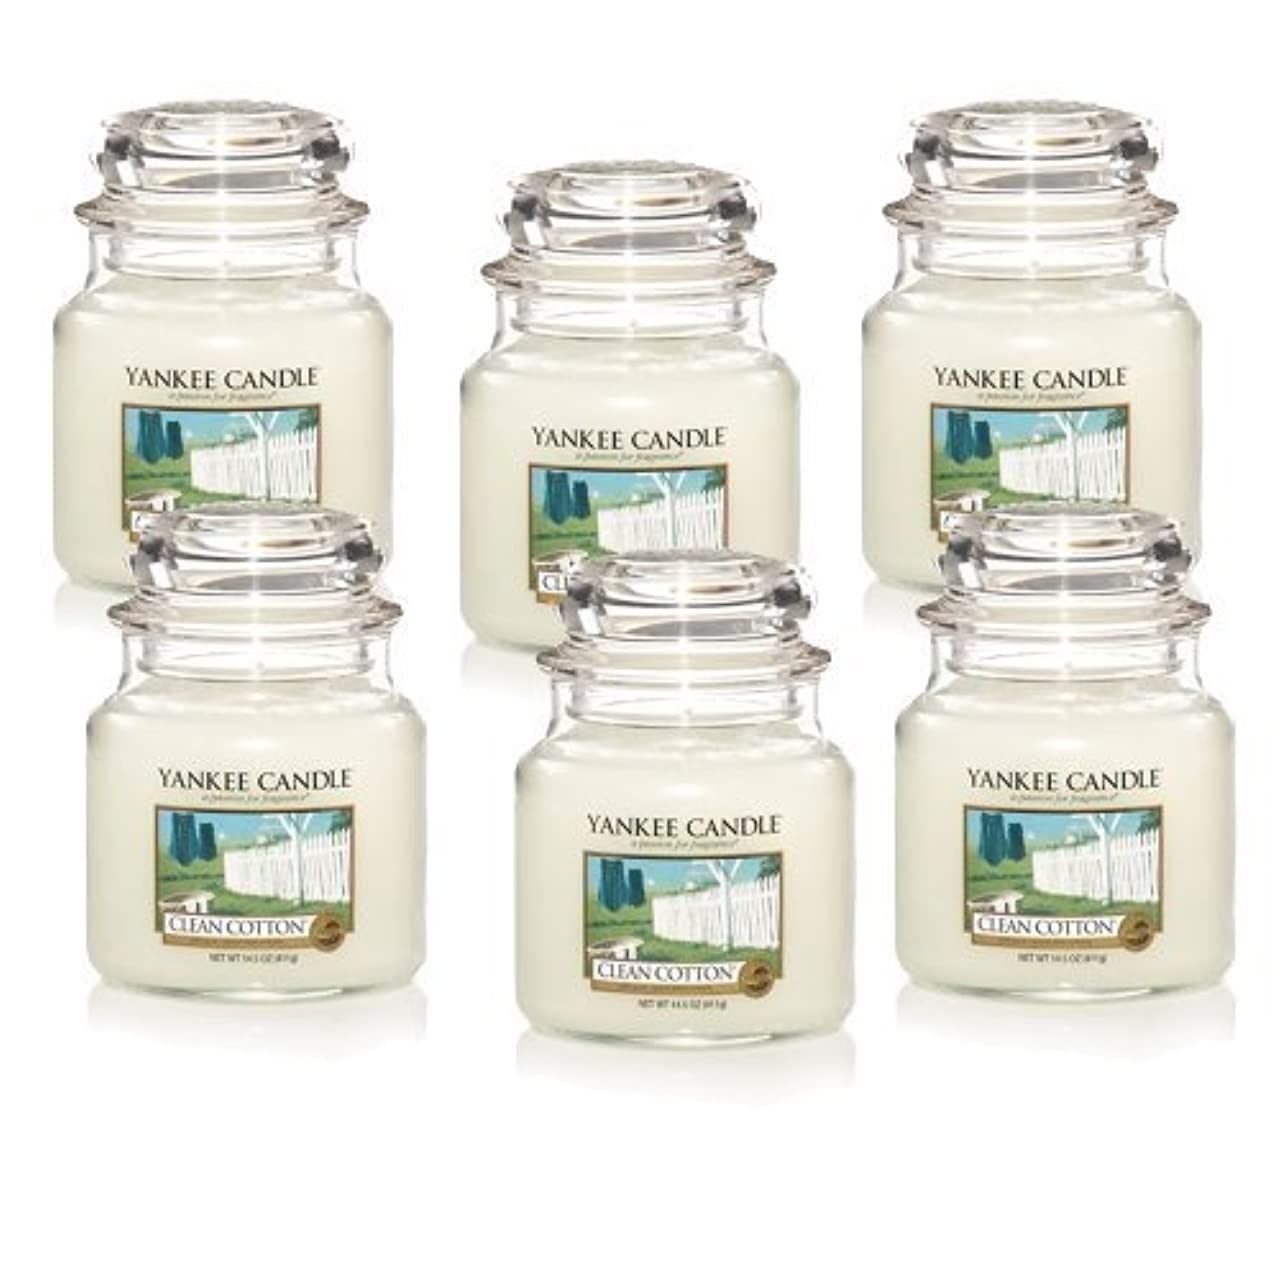 自宅で火炎偶然Yankee Candle Company Clean Cotton 14.5-Ounce Jar Candle, Medium, Set of 6 by Amazon source [並行輸入品]